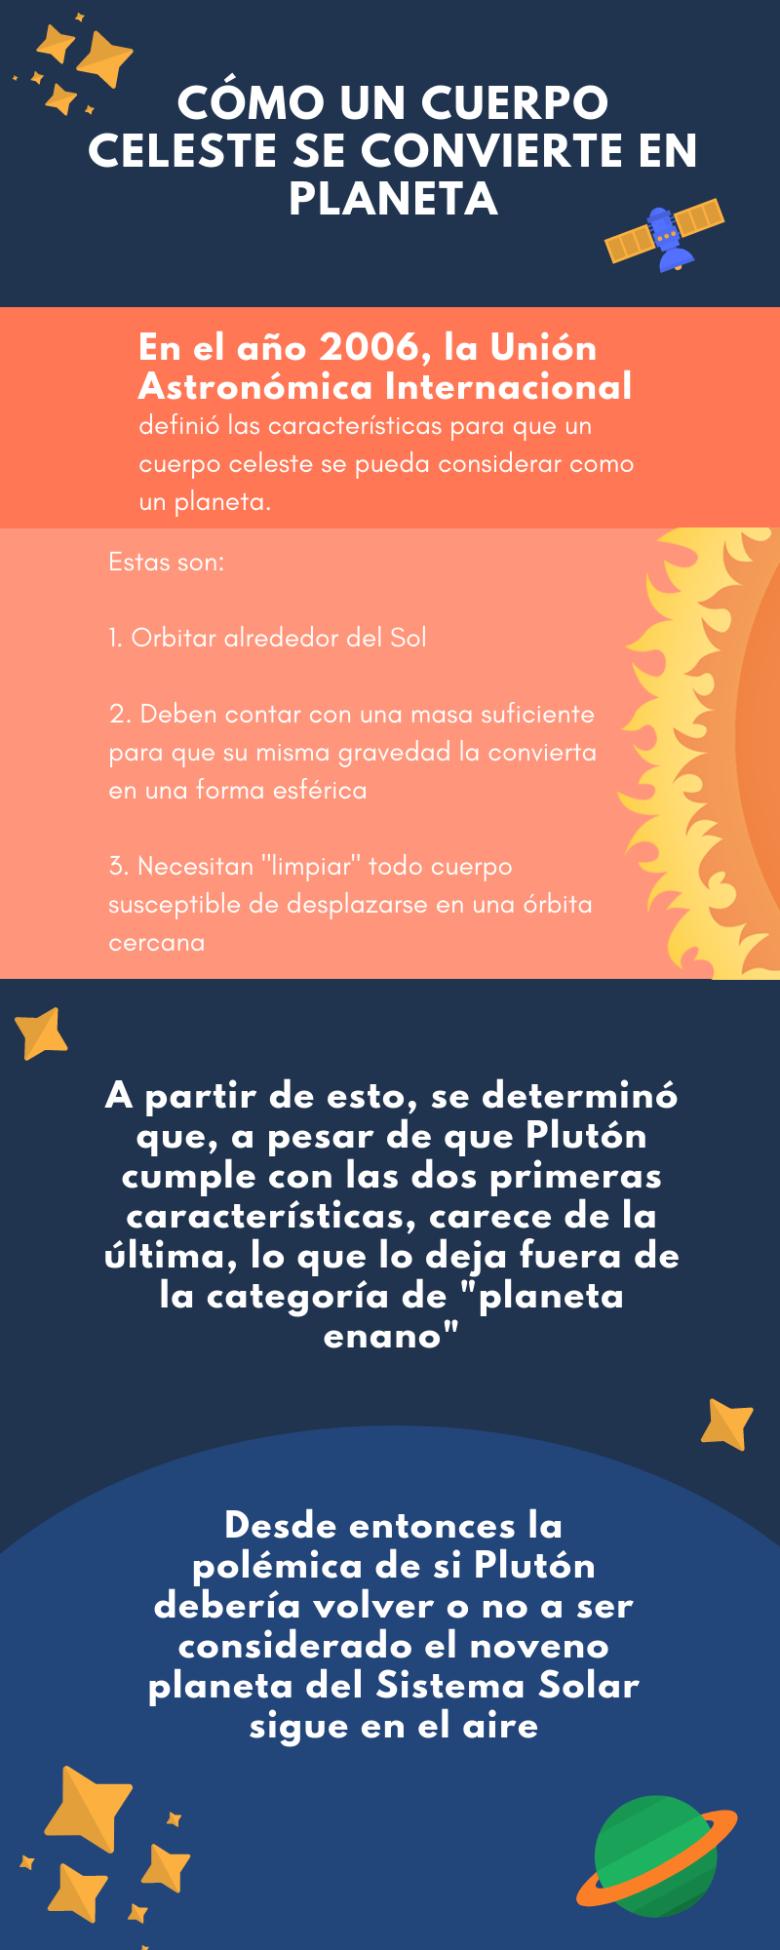 Plutón (2)